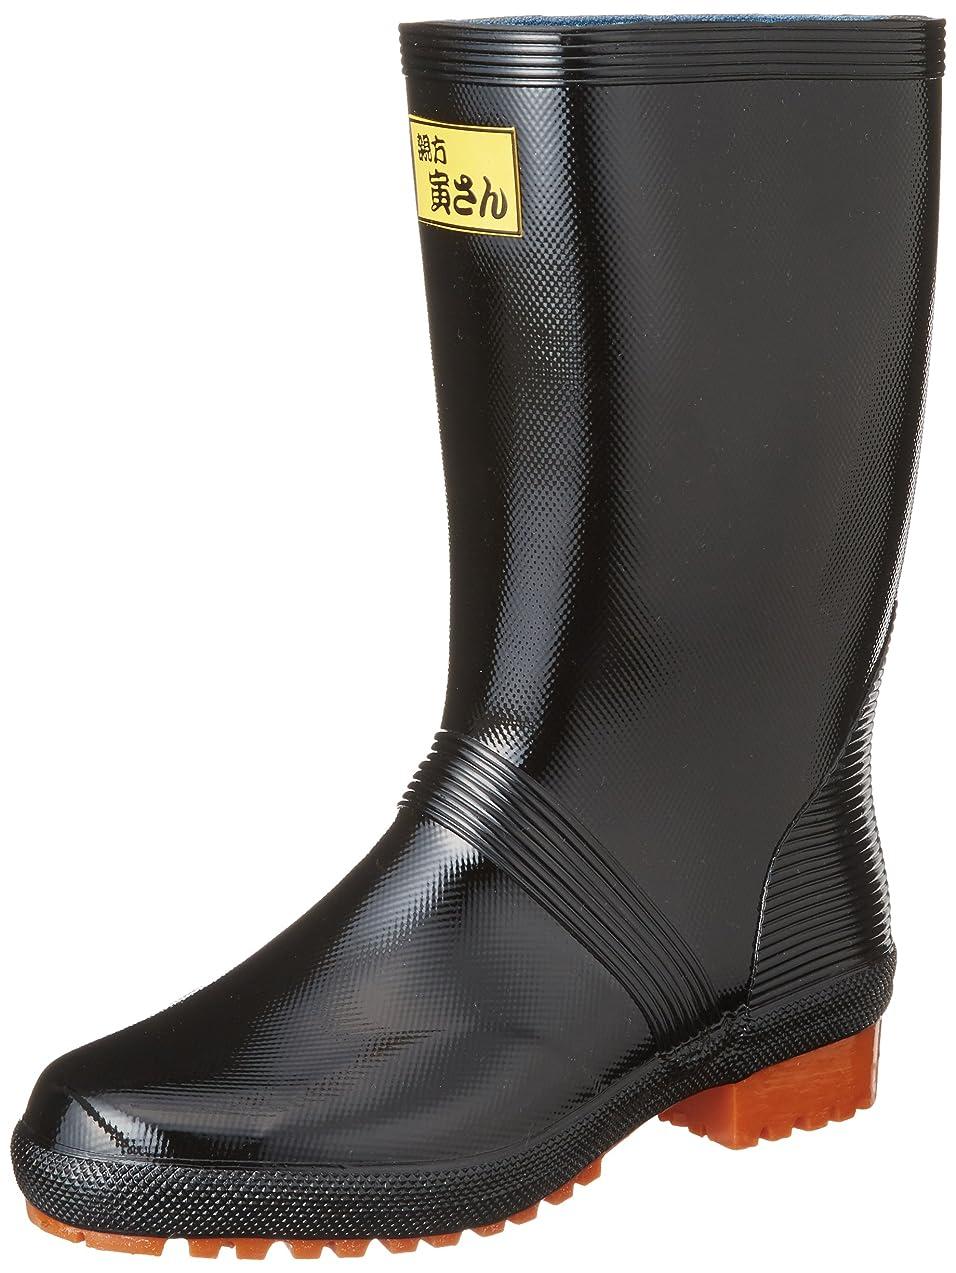 堤防破壊する日没[フクヤマゴム] 長靴 親方寅さんブーツ1 メンズ